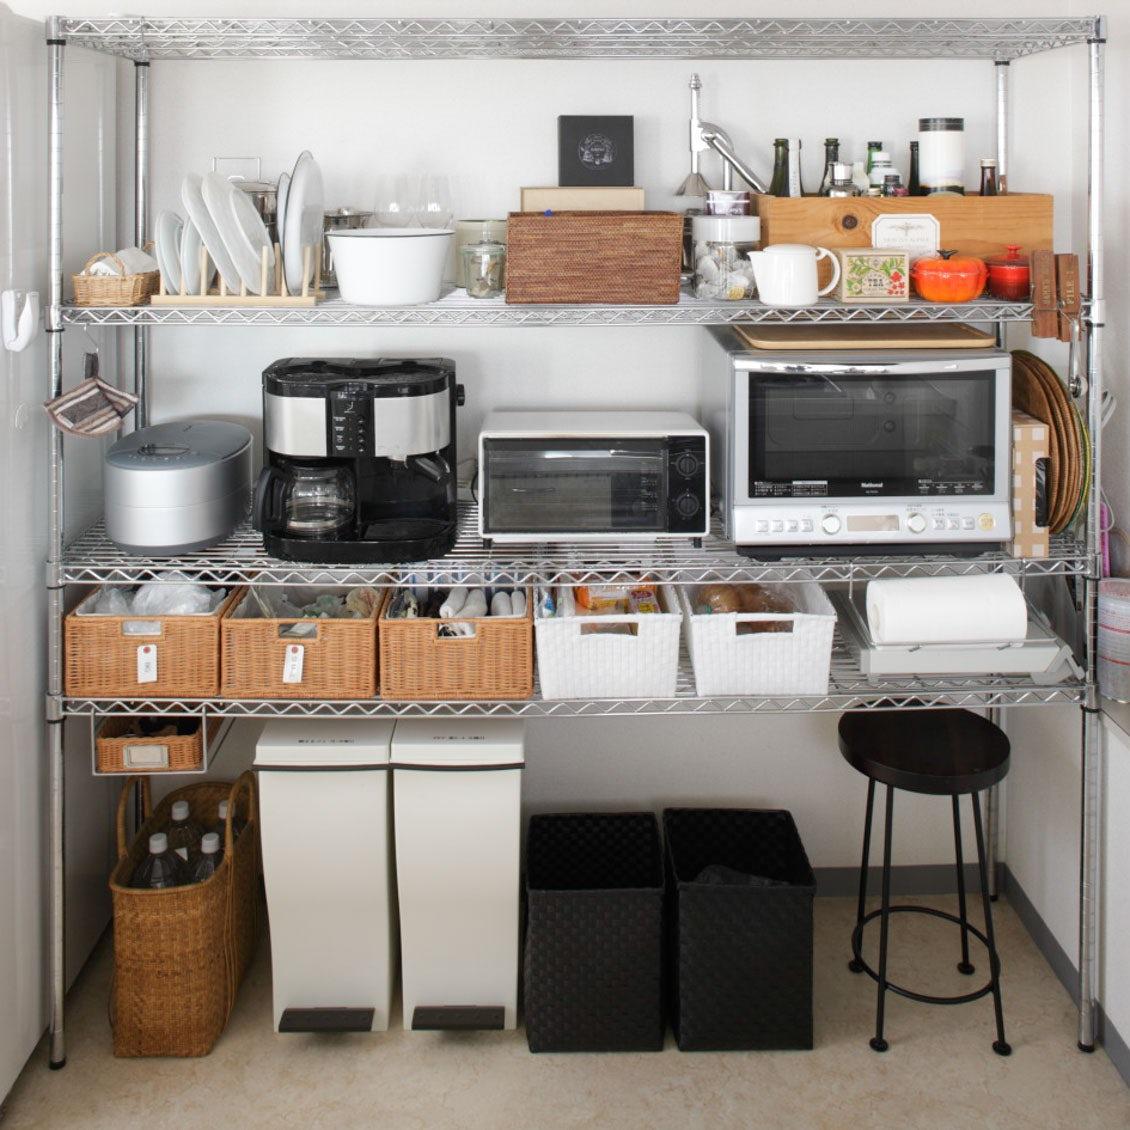 【スチールラック収納】キッチンをスッキリ見せる、スチールラックを使った整理収納術